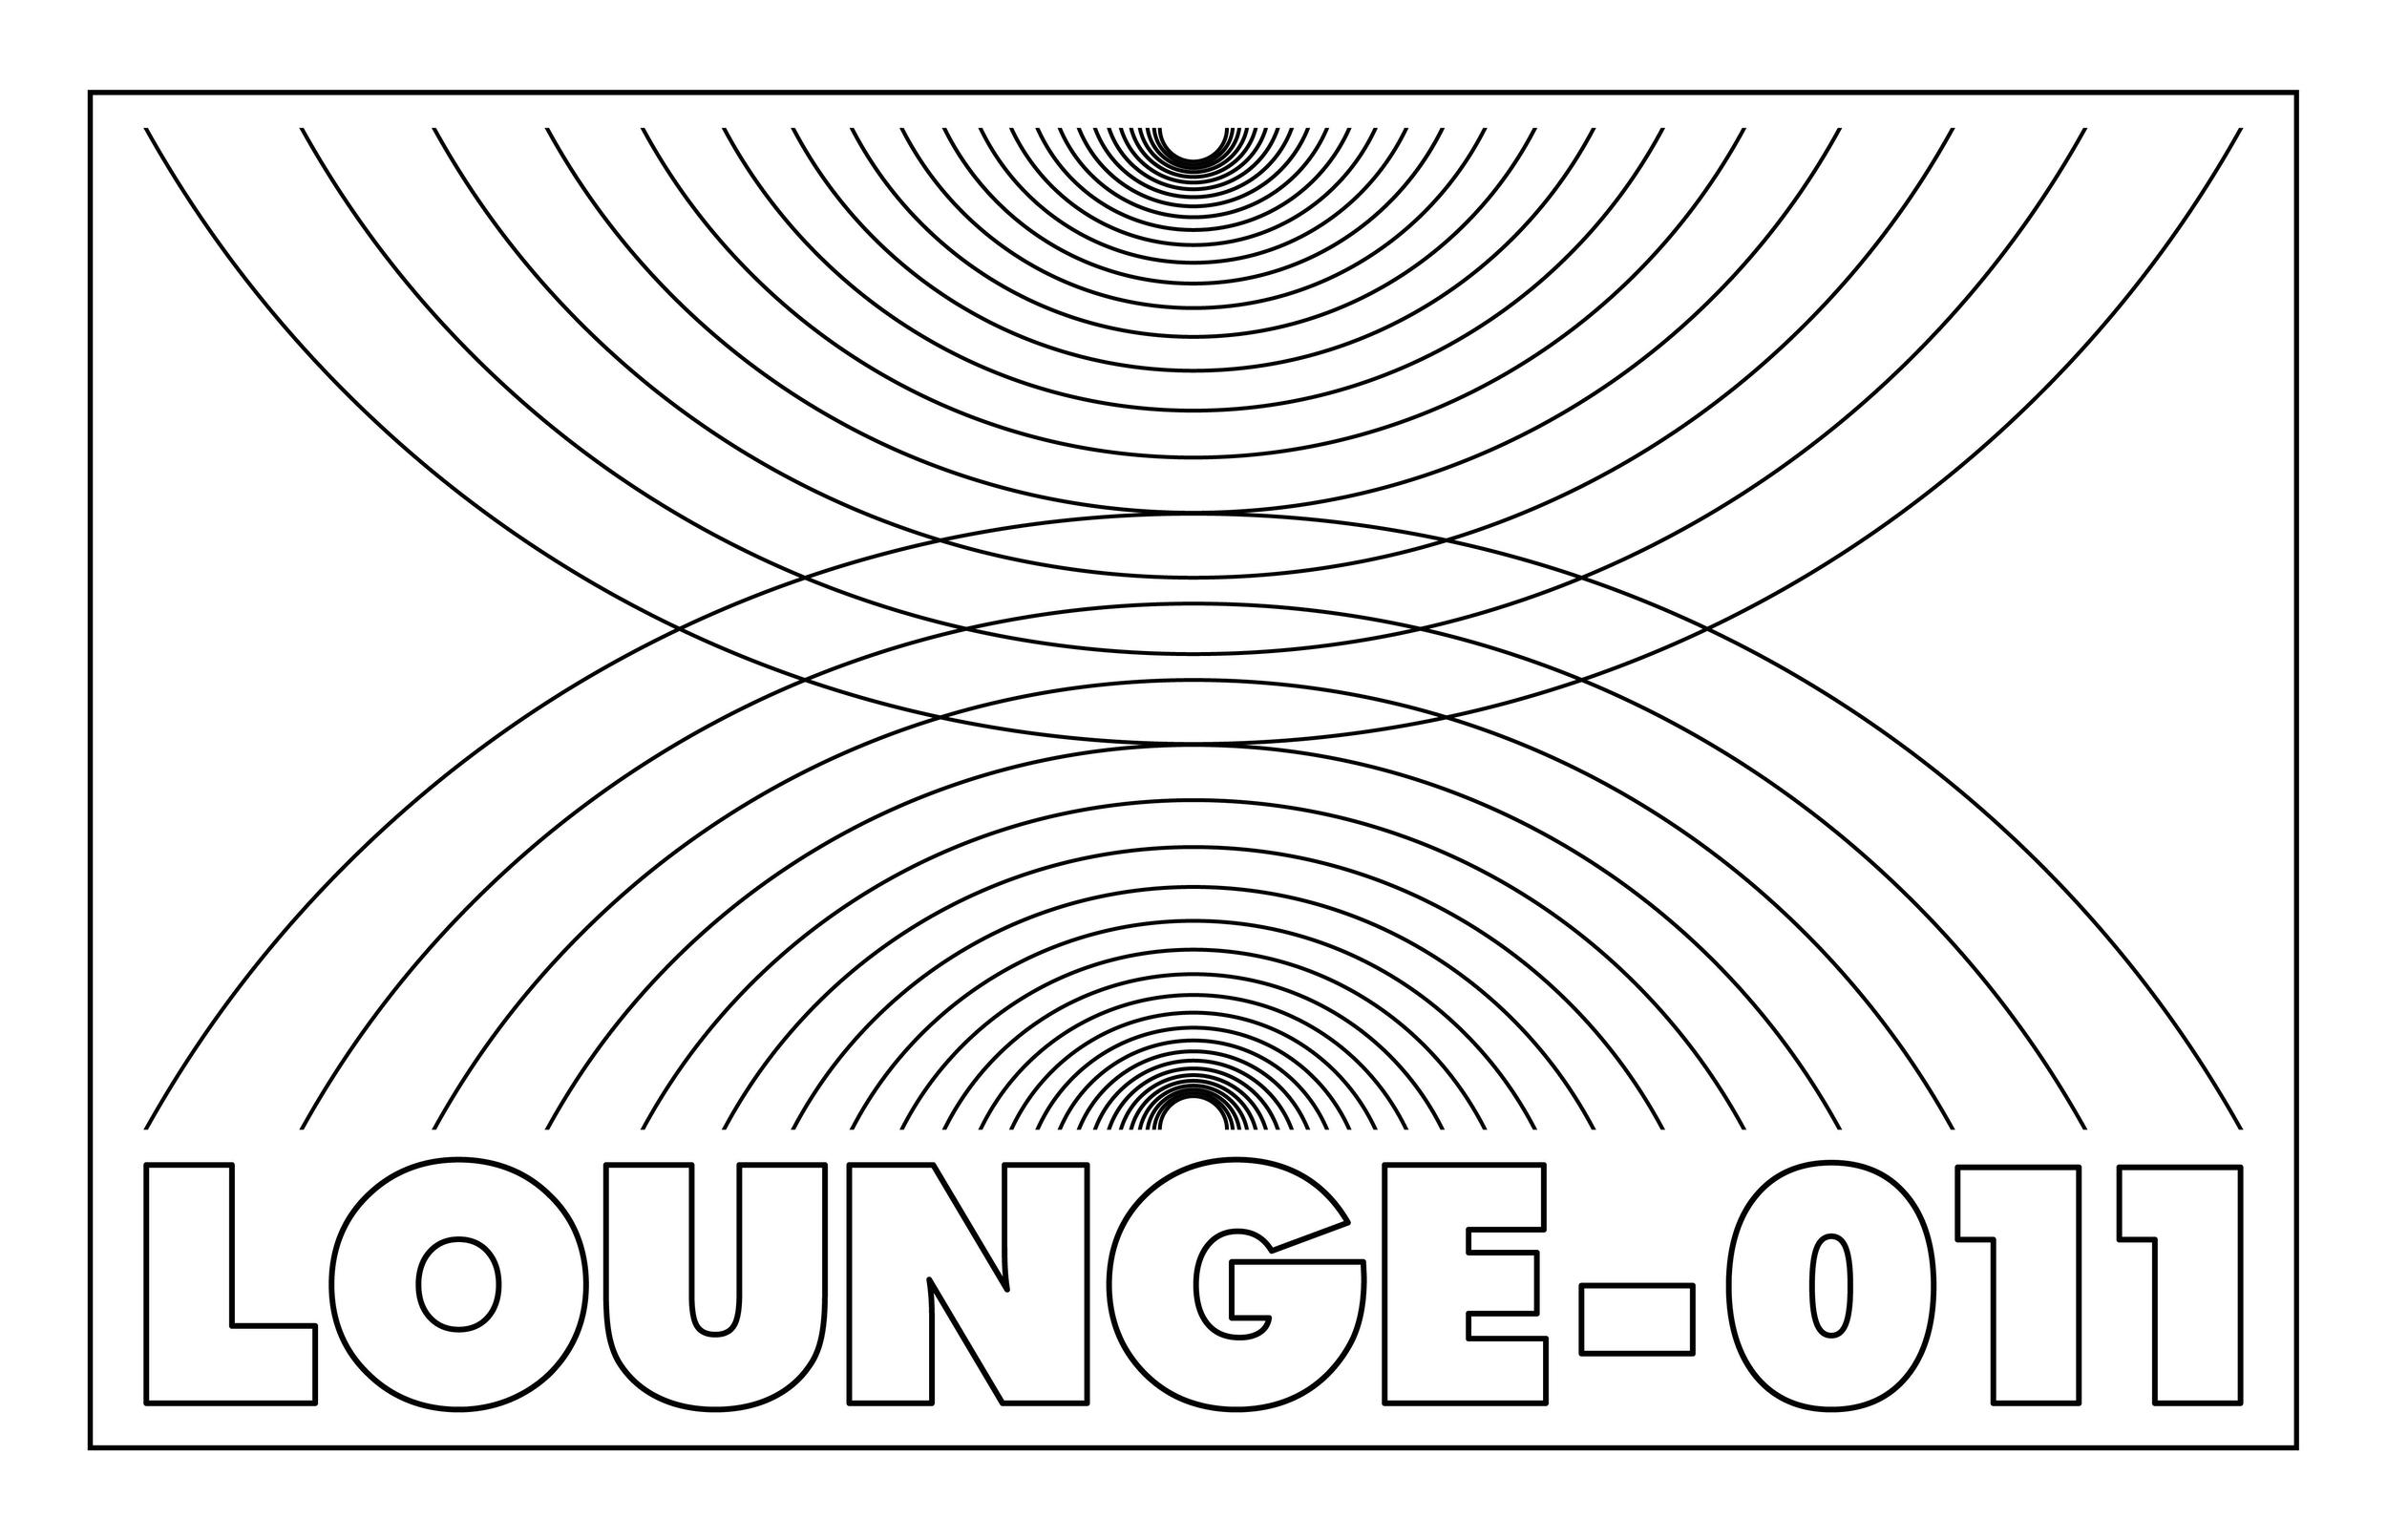 lounge-011_logo.png